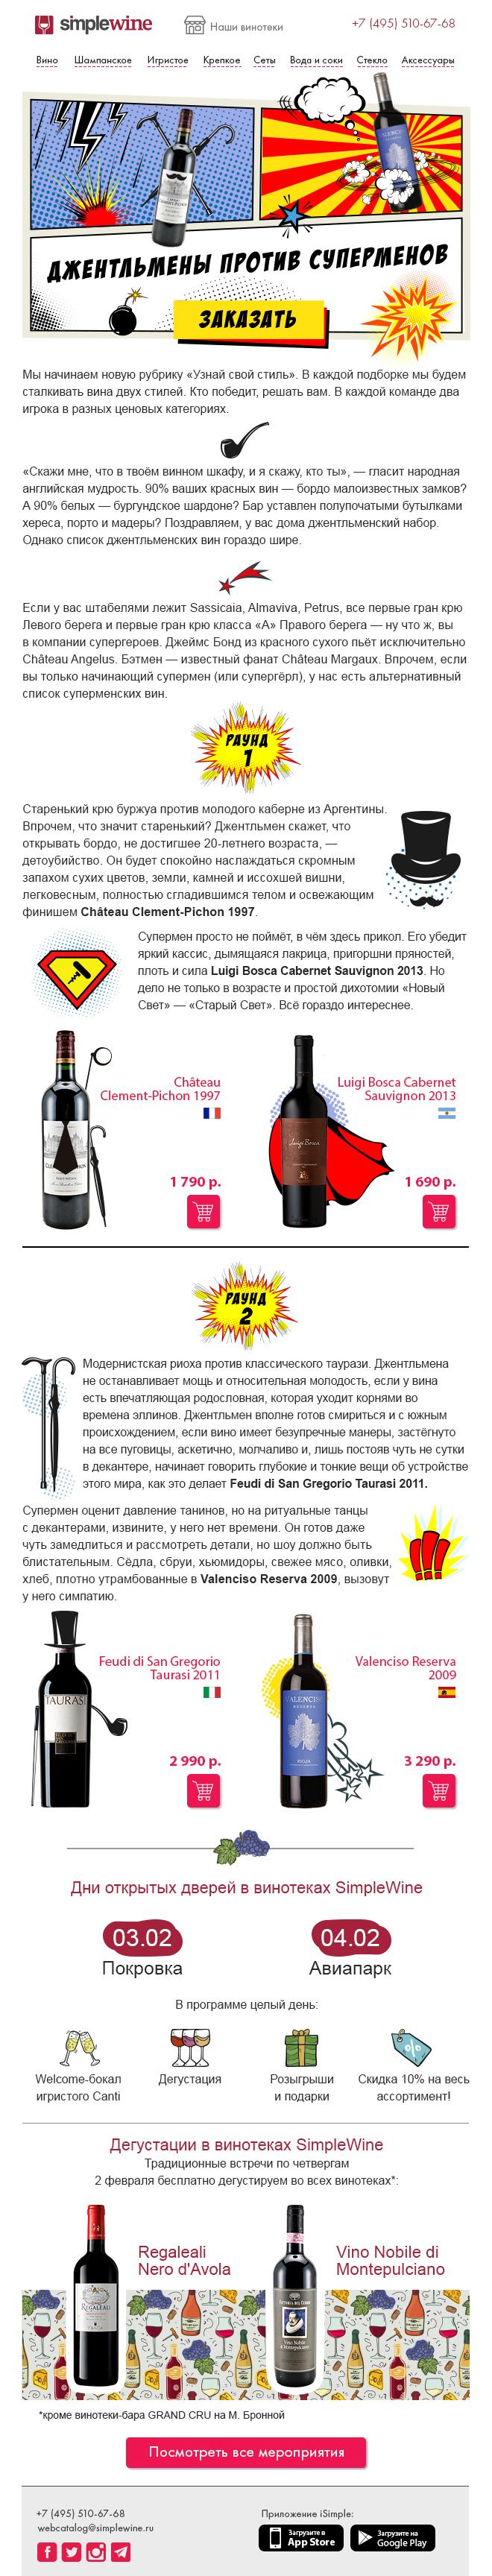 Design email Wine